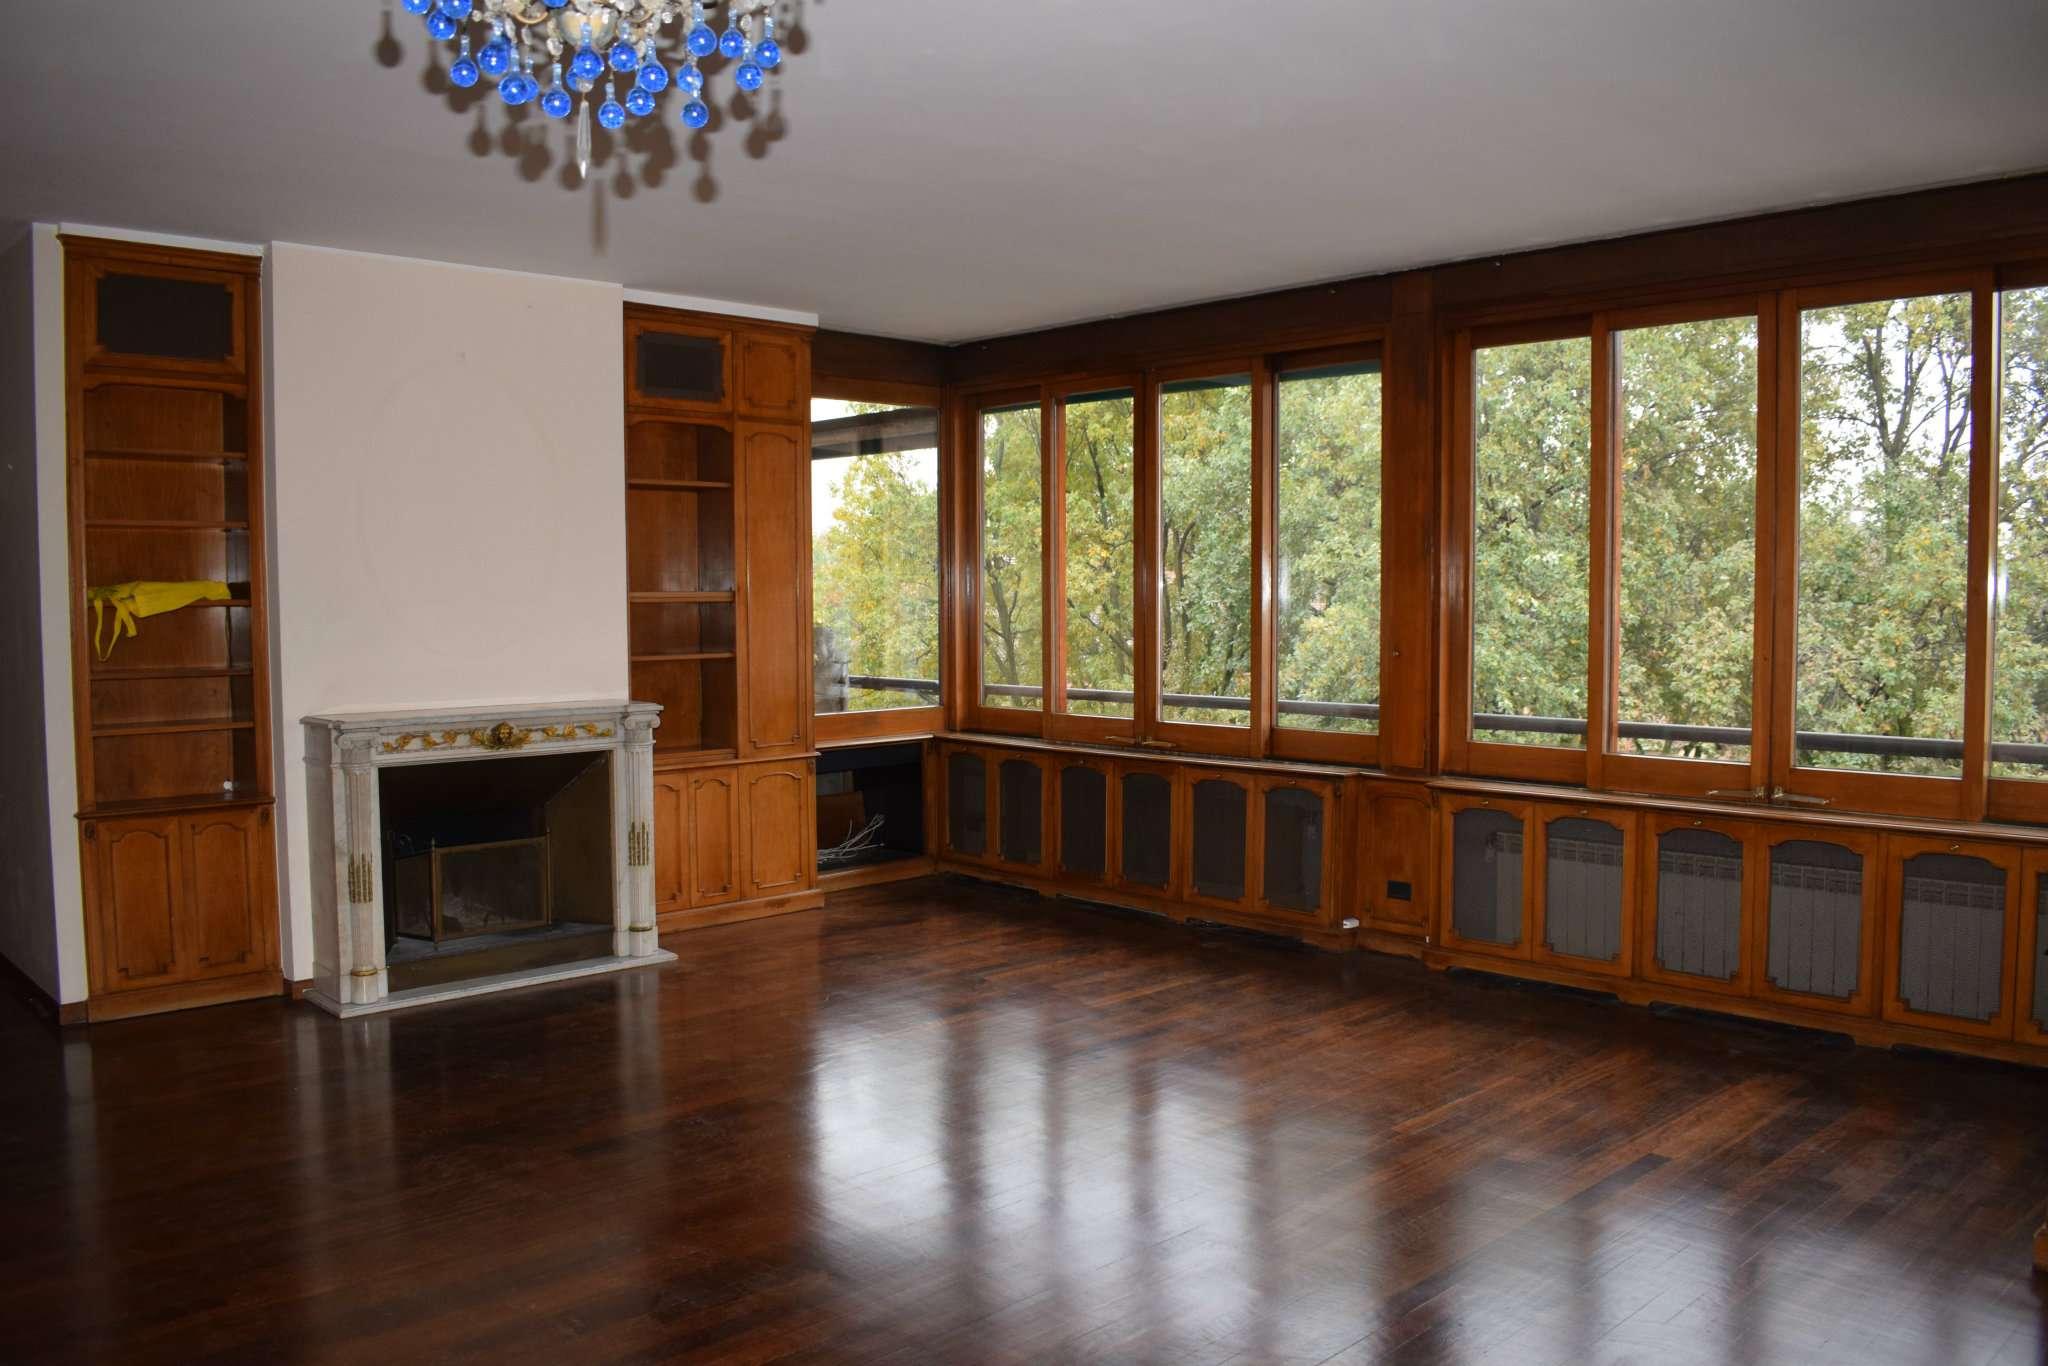 Appartamento in affitto a Milano, 4 locali, zona Zona: 1 . Centro Storico, Duomo, Brera, Cadorna, Cattolica, prezzo € 3.335   CambioCasa.it